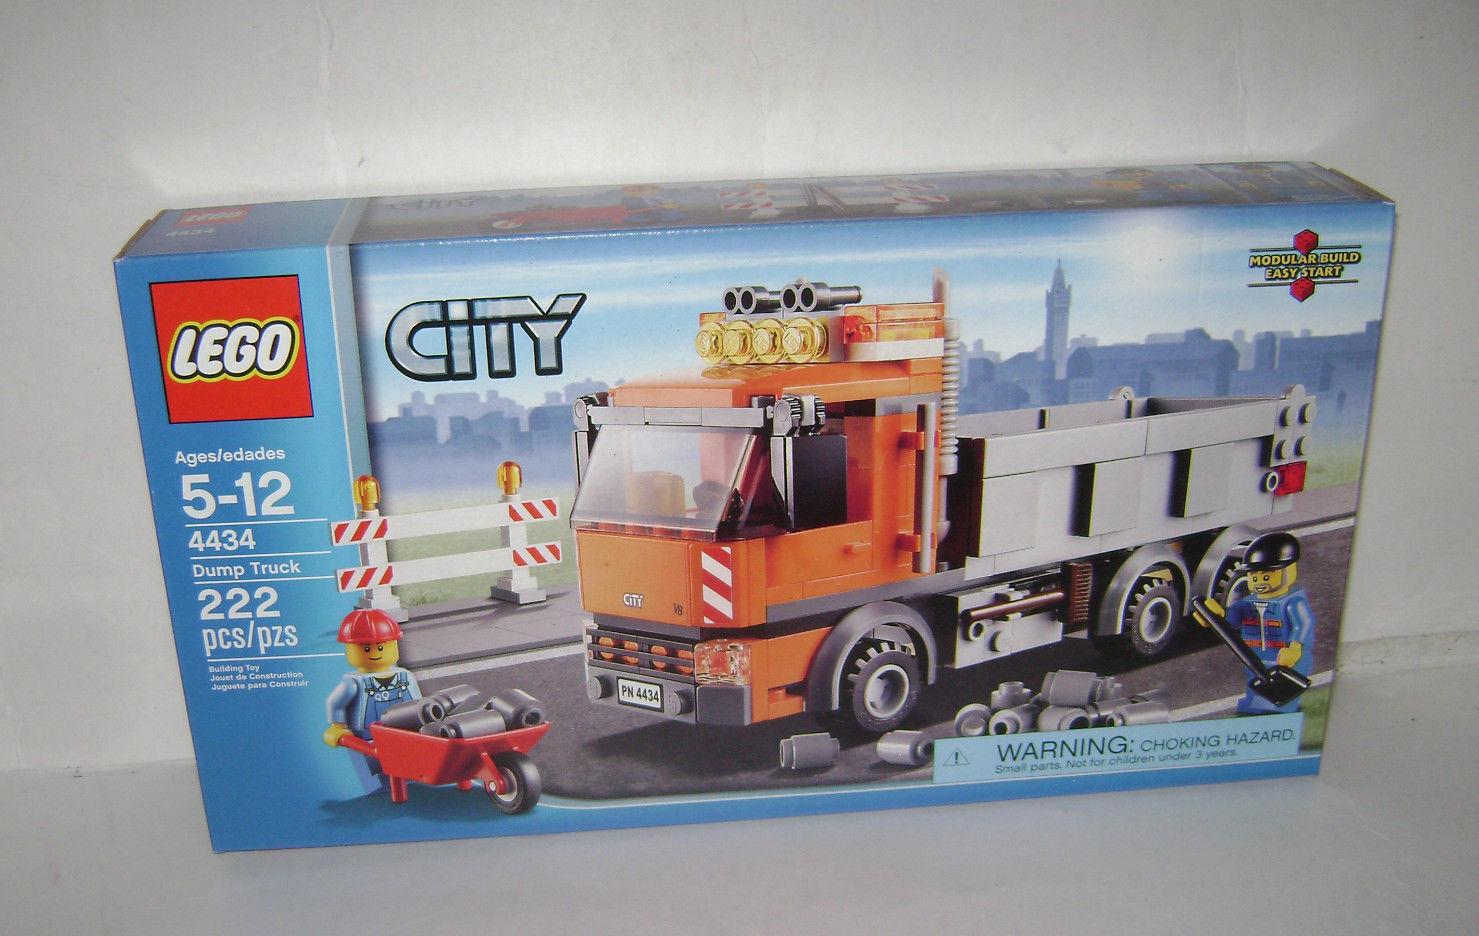 4434 Orange Building City Toy Scellée Benne Camion Lego Retraité VSMpUz